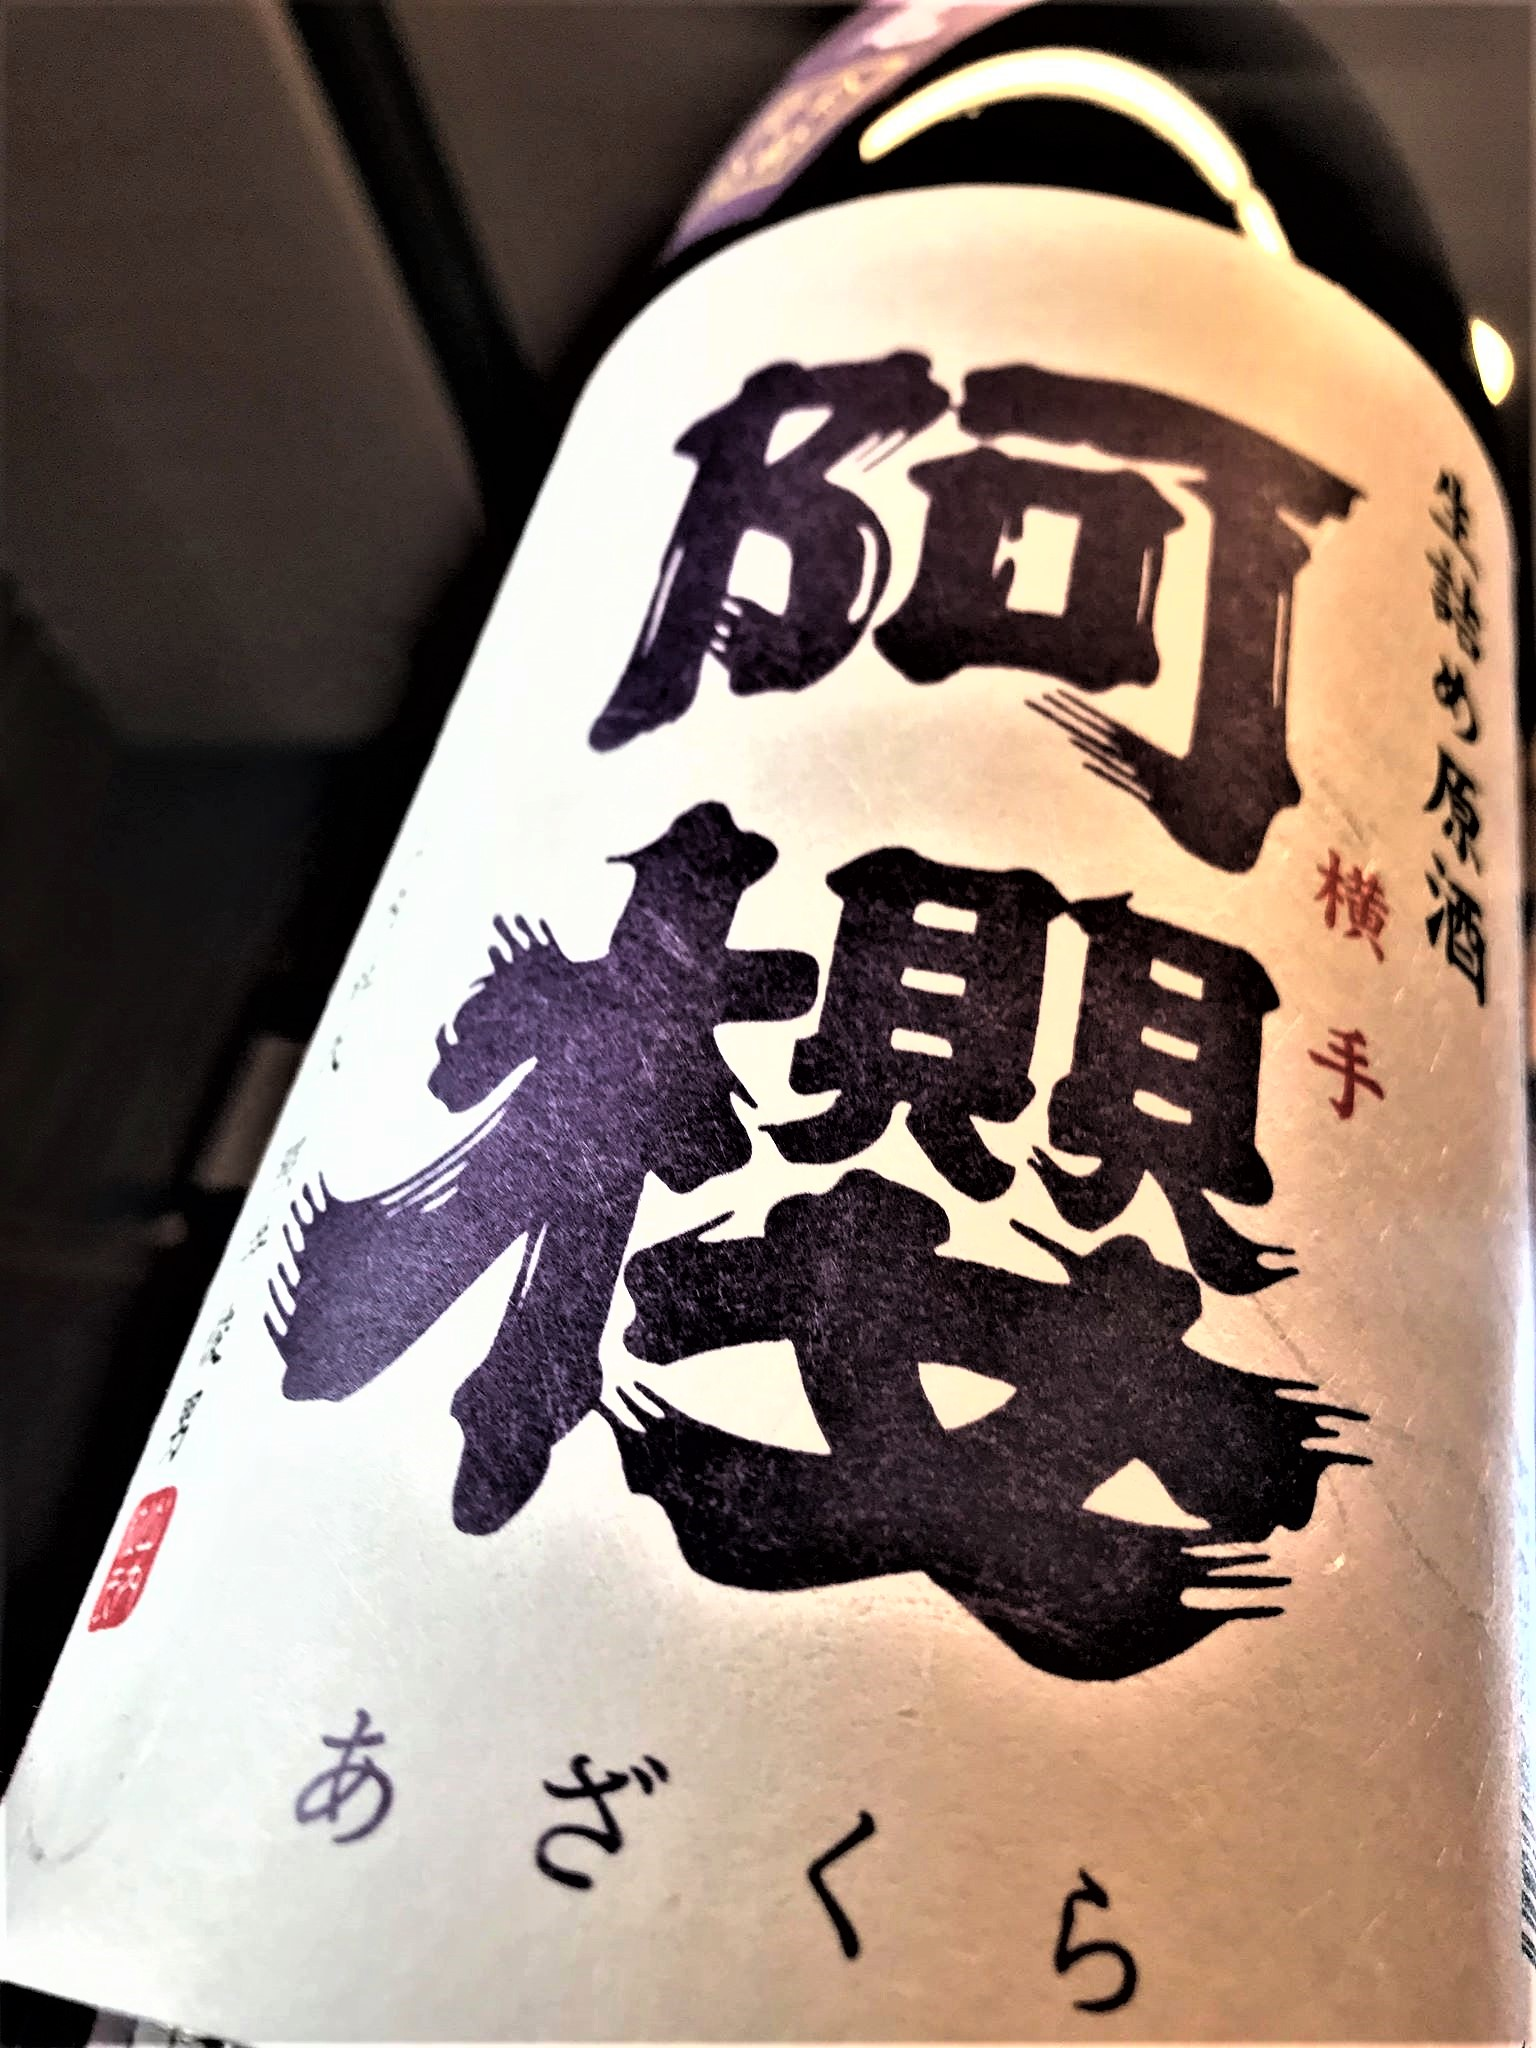 【日本酒】阿櫻『番外編』特別醸造 無濾過生原酒 大潟村亀の尾全量仕込 初回限定蔵出し 令和1BY🆕_e0173738_13275040.jpg